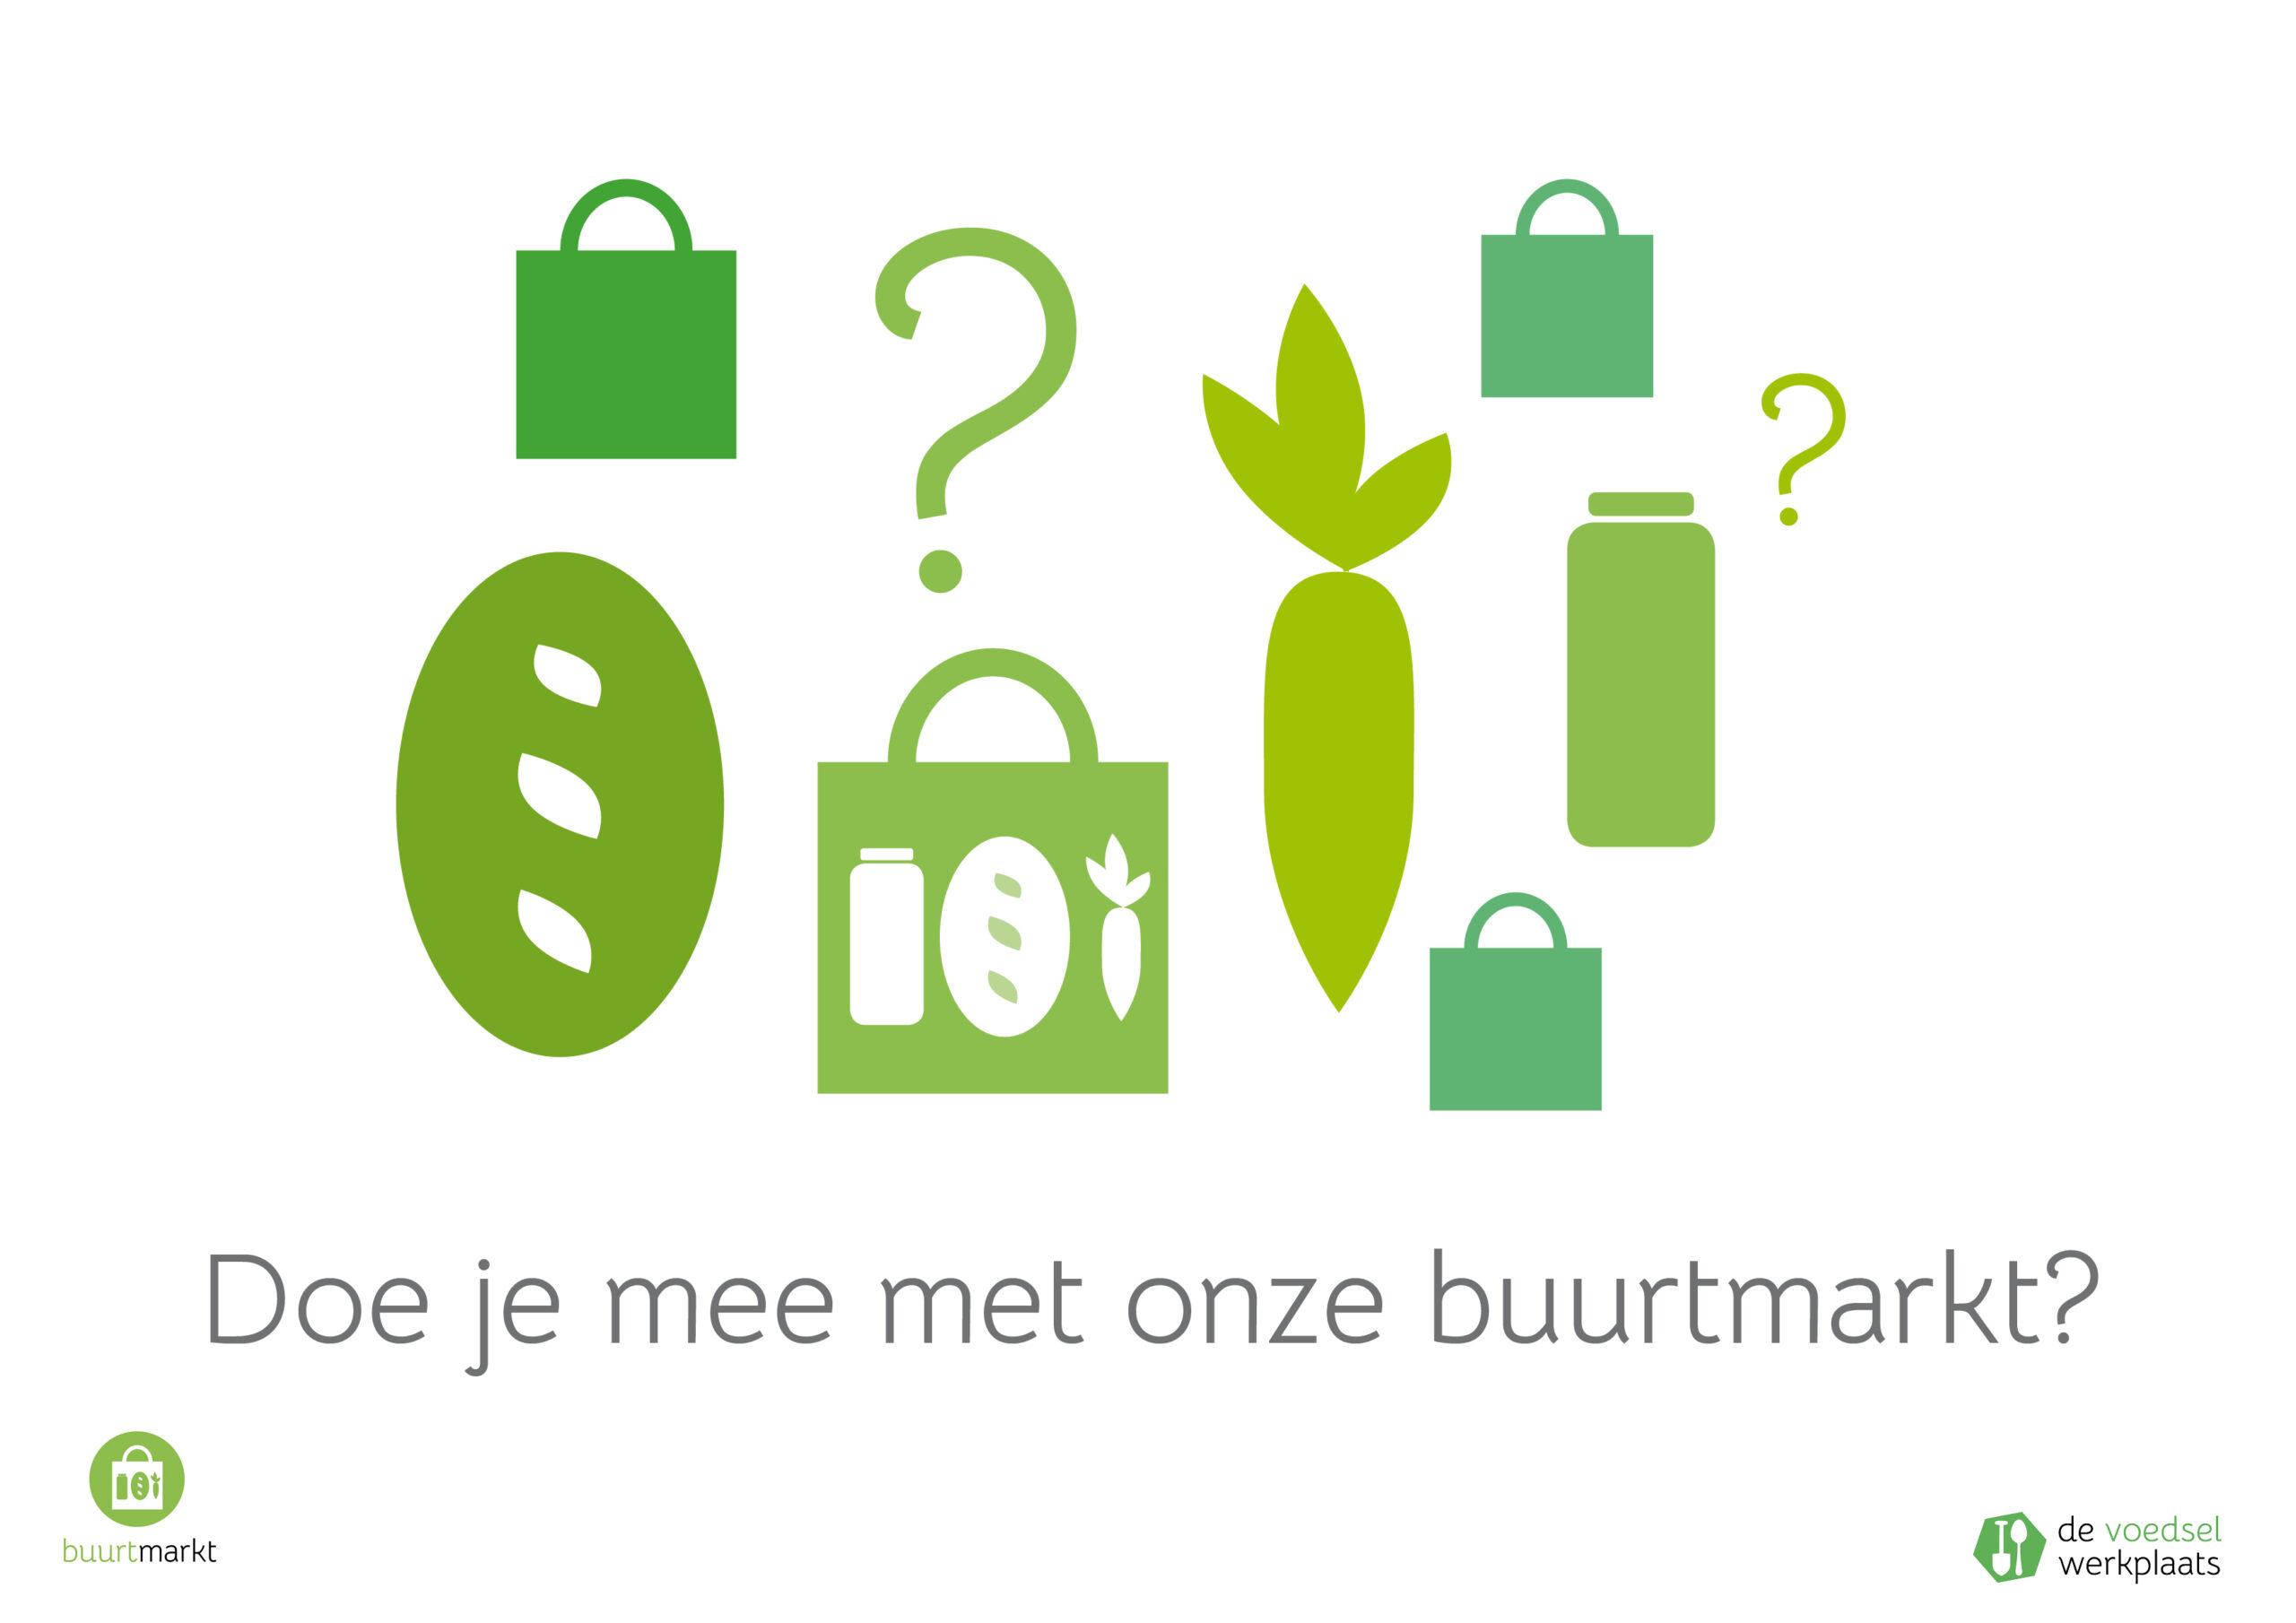 Buurtmarkt Starterspakket